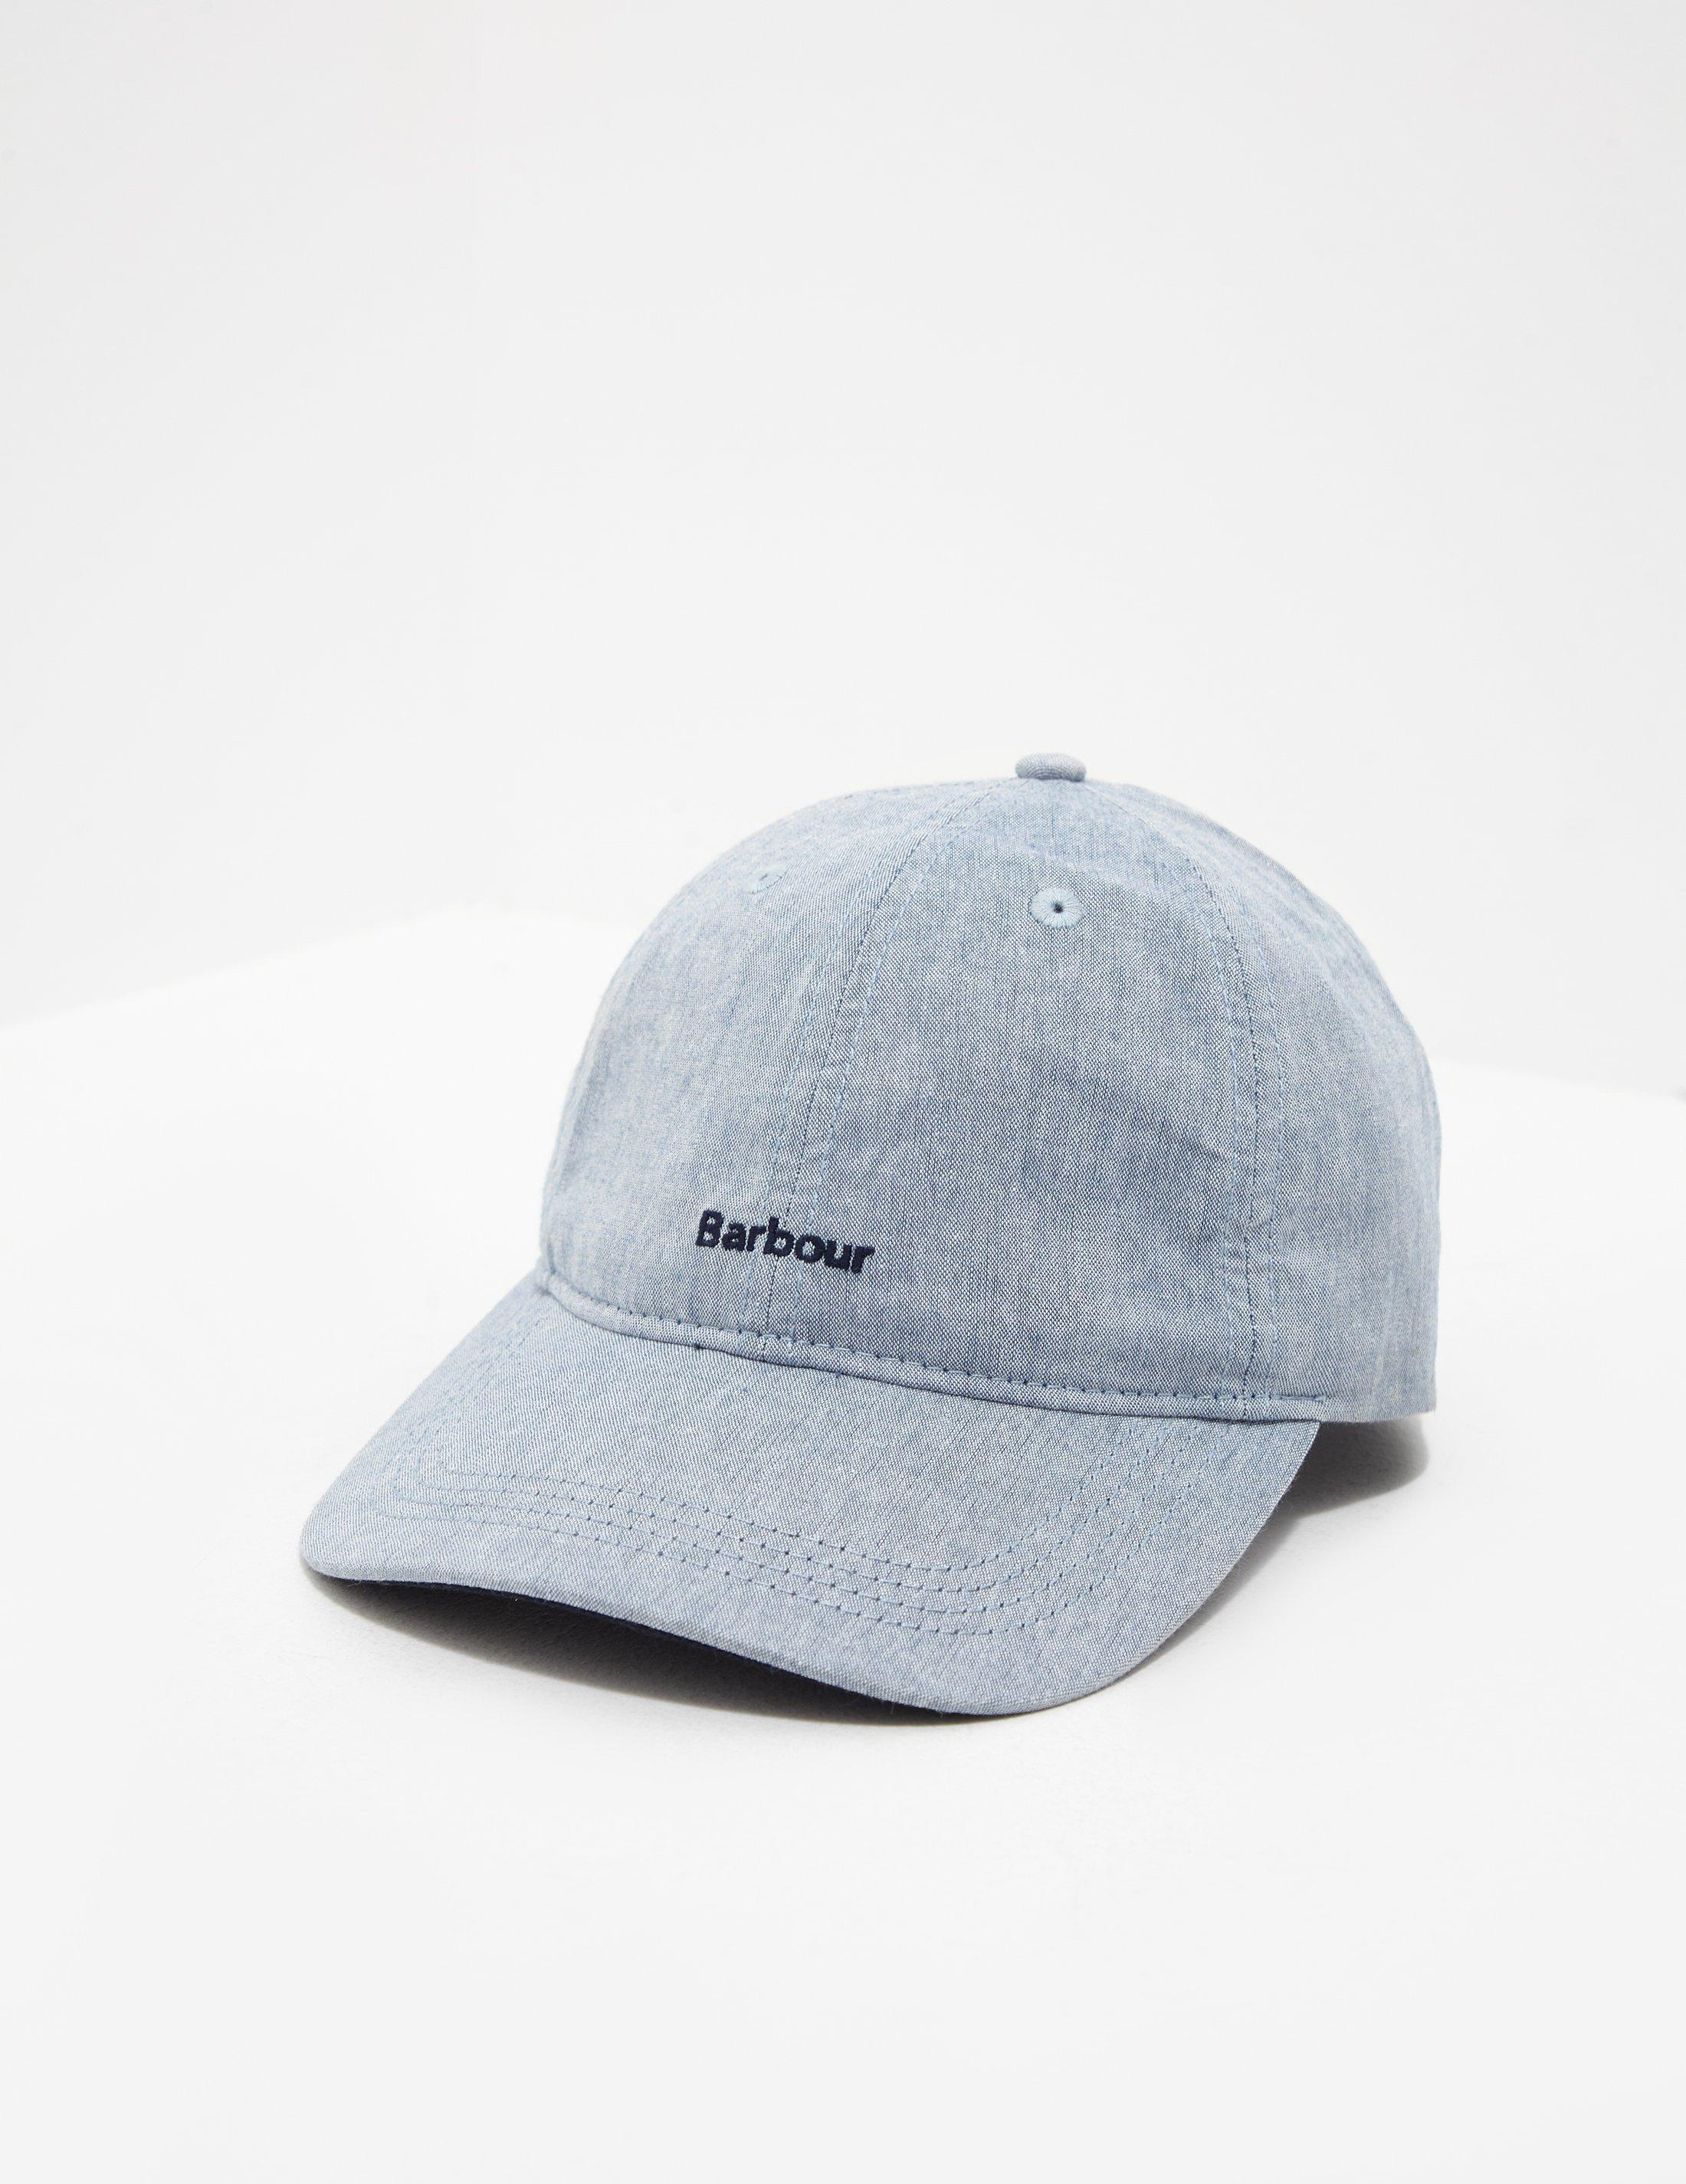 Barbour - Cascade Cap Blue for Men - Lyst. View fullscreen 4355b96b65f4